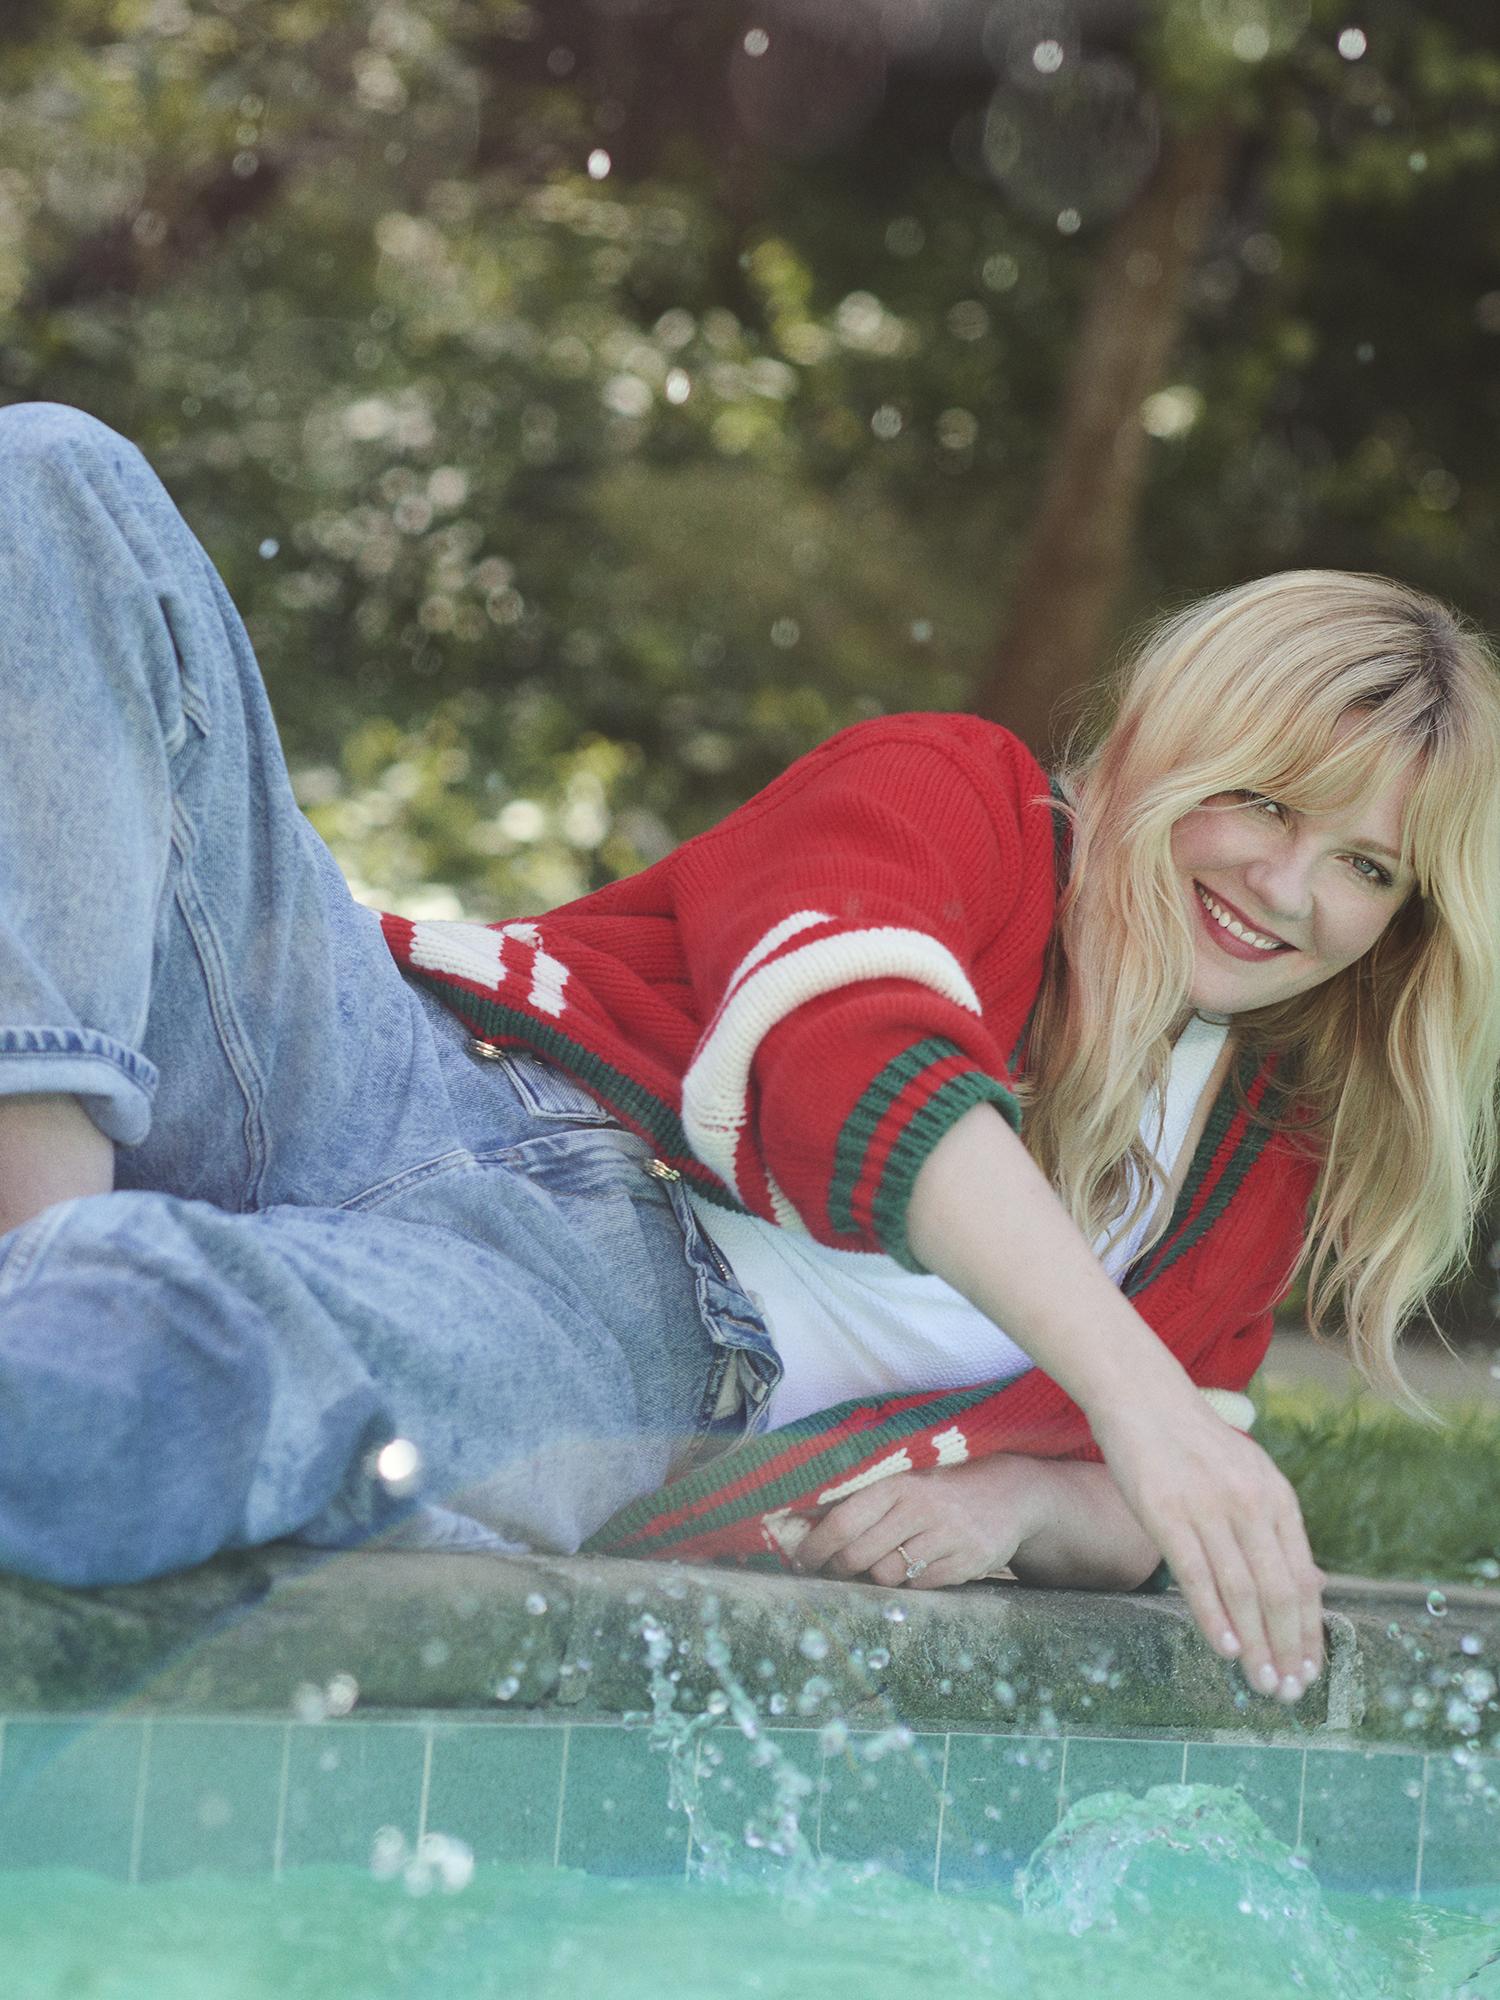 Lisa Bonet On Family, Husband Jason Momoa & Working With